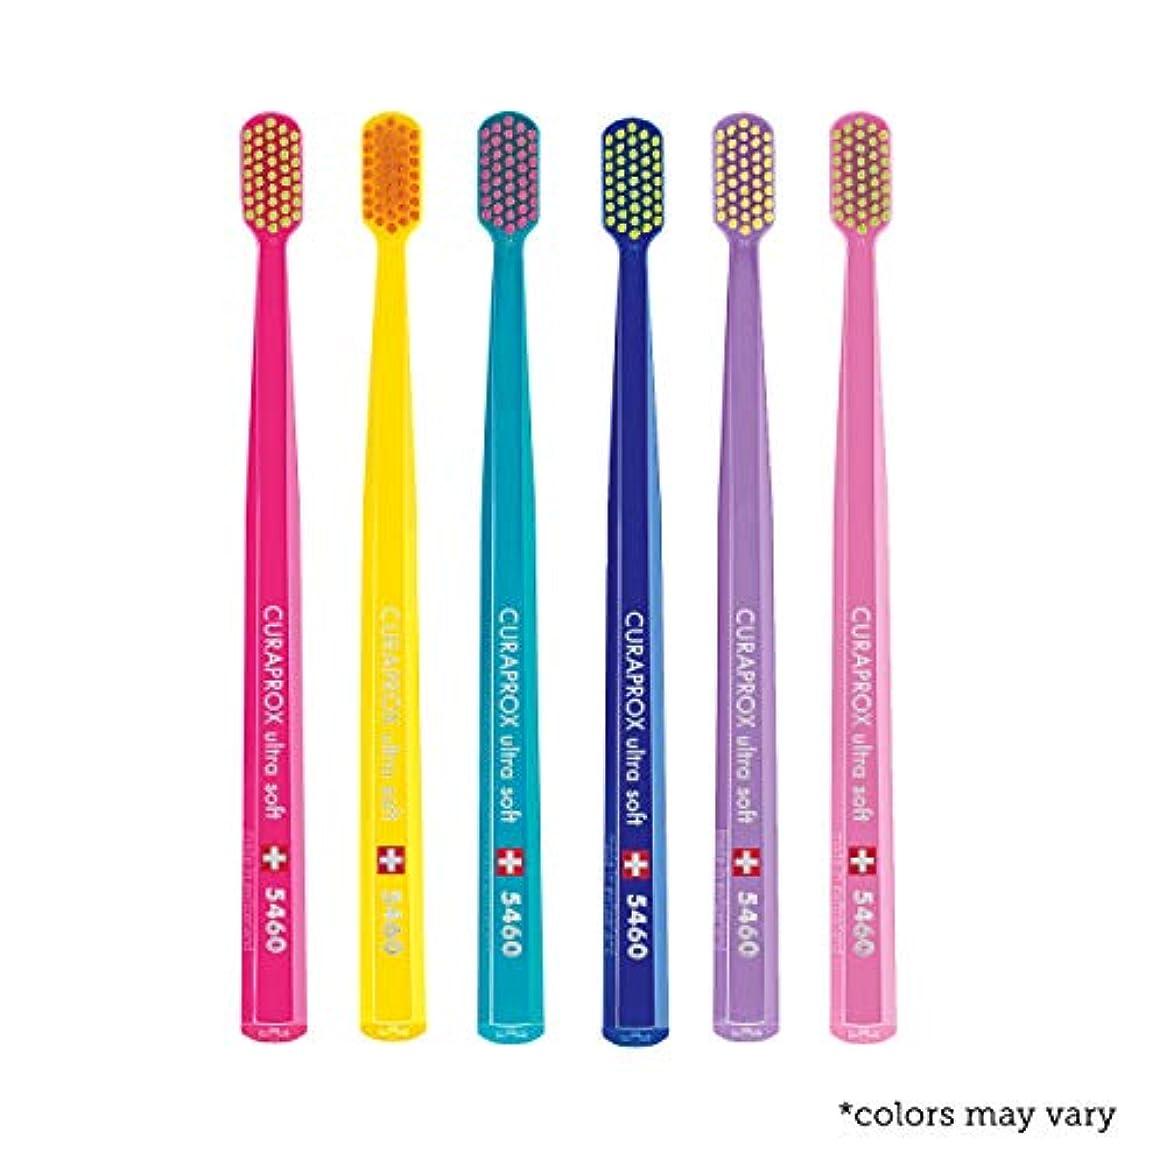 囲まれたルアースカウトUltra soft toothbrush, 6 brushes, Curaprox Ultra Soft 5460. Softer feeling & better cleaning, in amazing vivid...